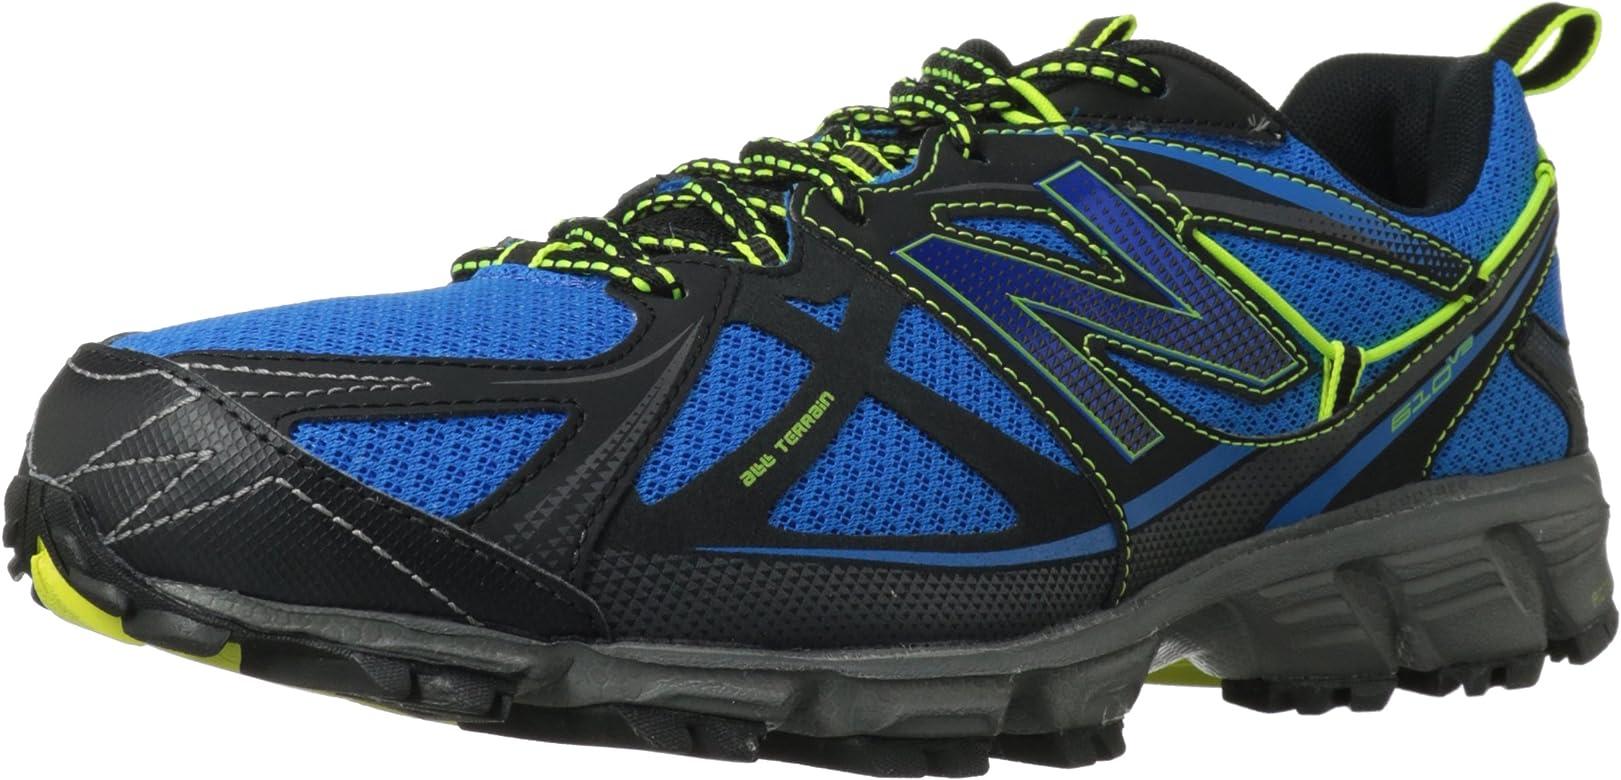 New Balance para Hombre MT610 V3 Trail Running Shoe: Amazon.es: Zapatos y complementos